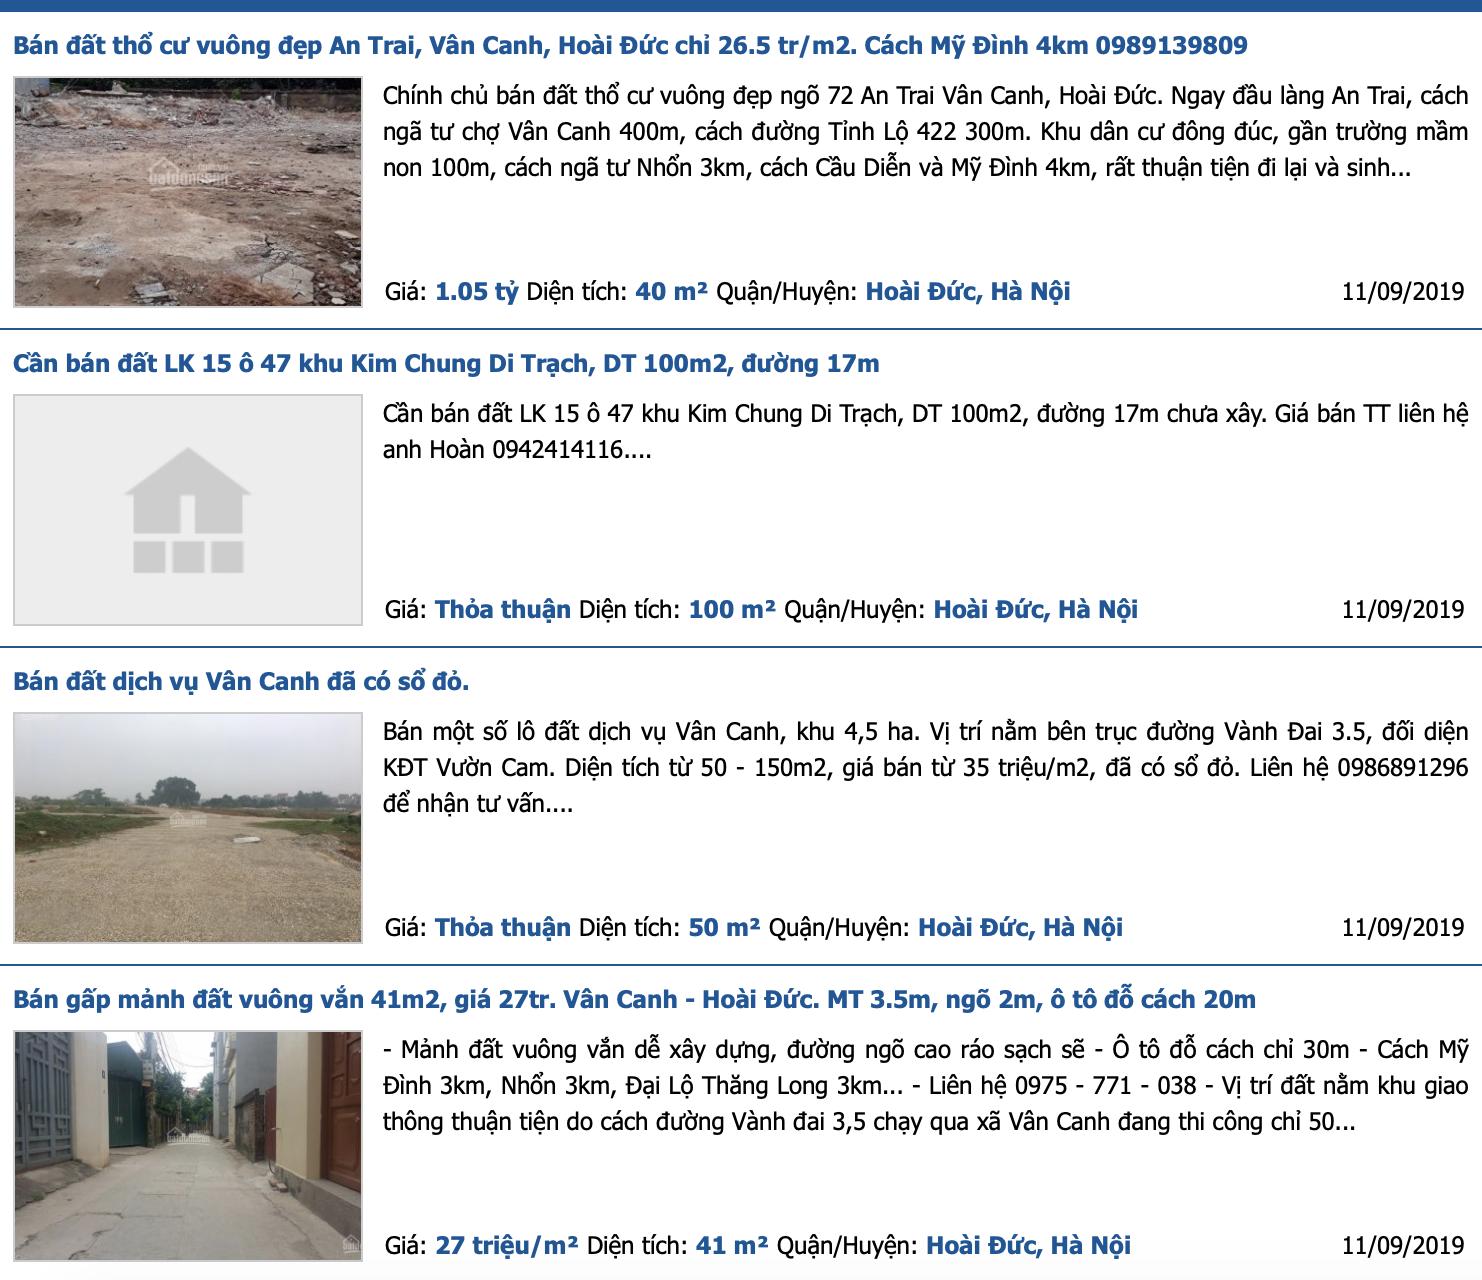 Số lượng tin tức rao bán nhà đất tại Hoài Đức được cho là tăng cao so với thời kỳ trước. Ảnh: batdongsan.com.vn